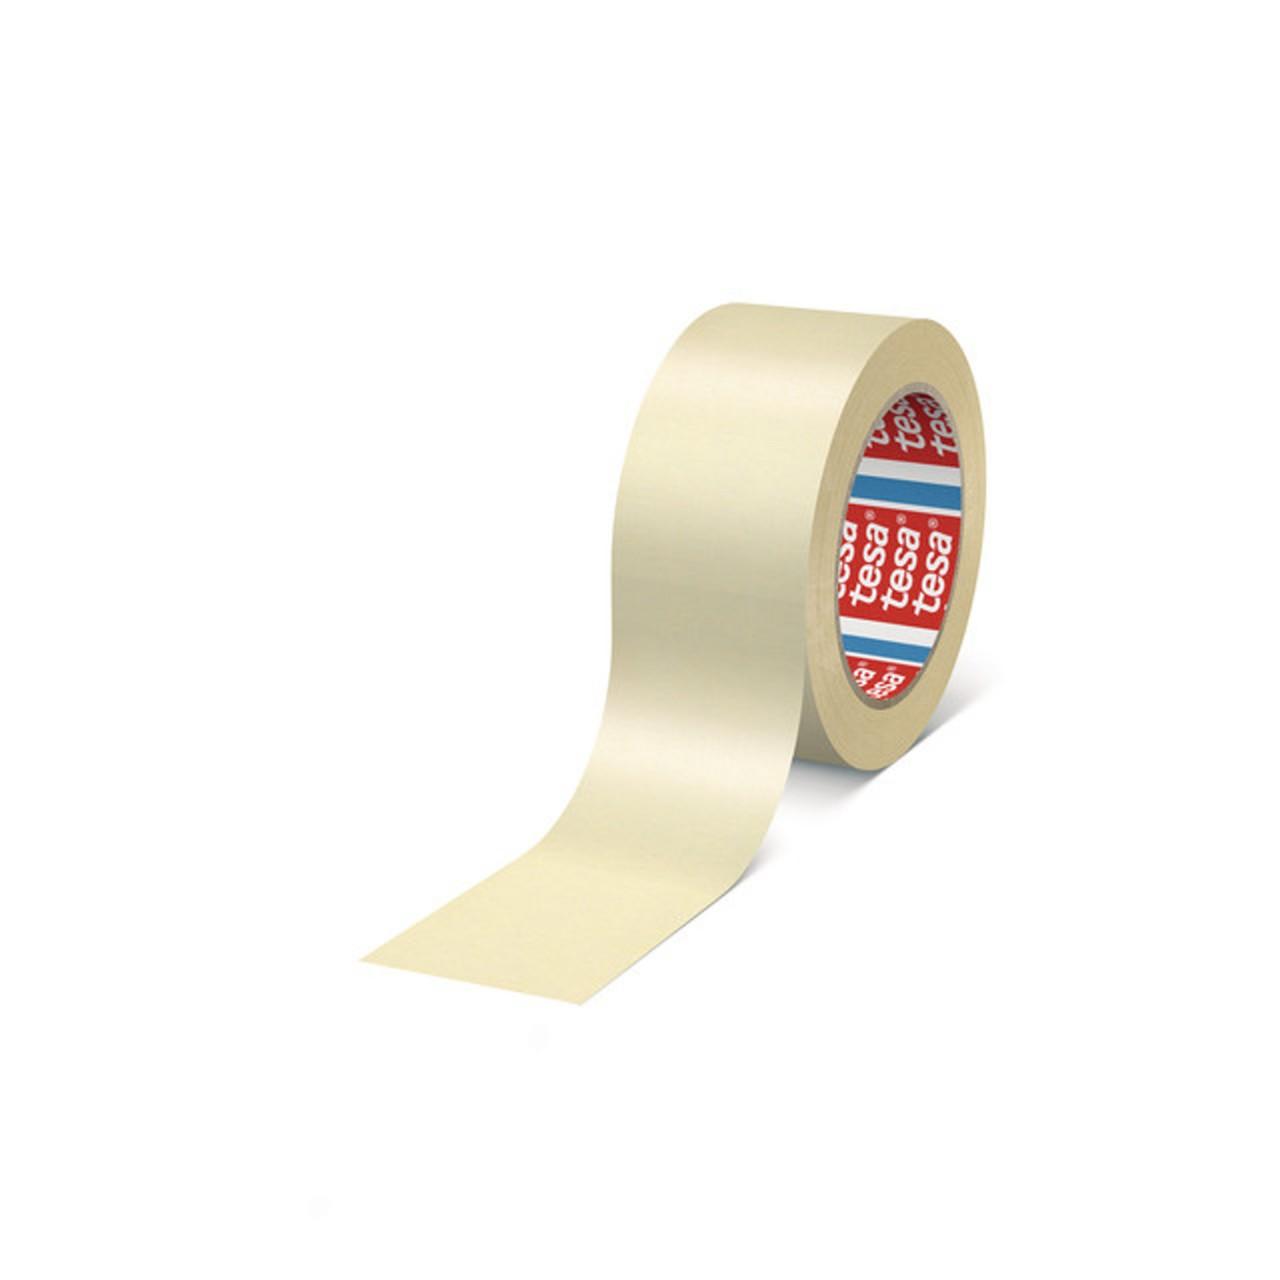 tesa 4329, Papierabdeckband für Lackierarbeiten, pastellgelb